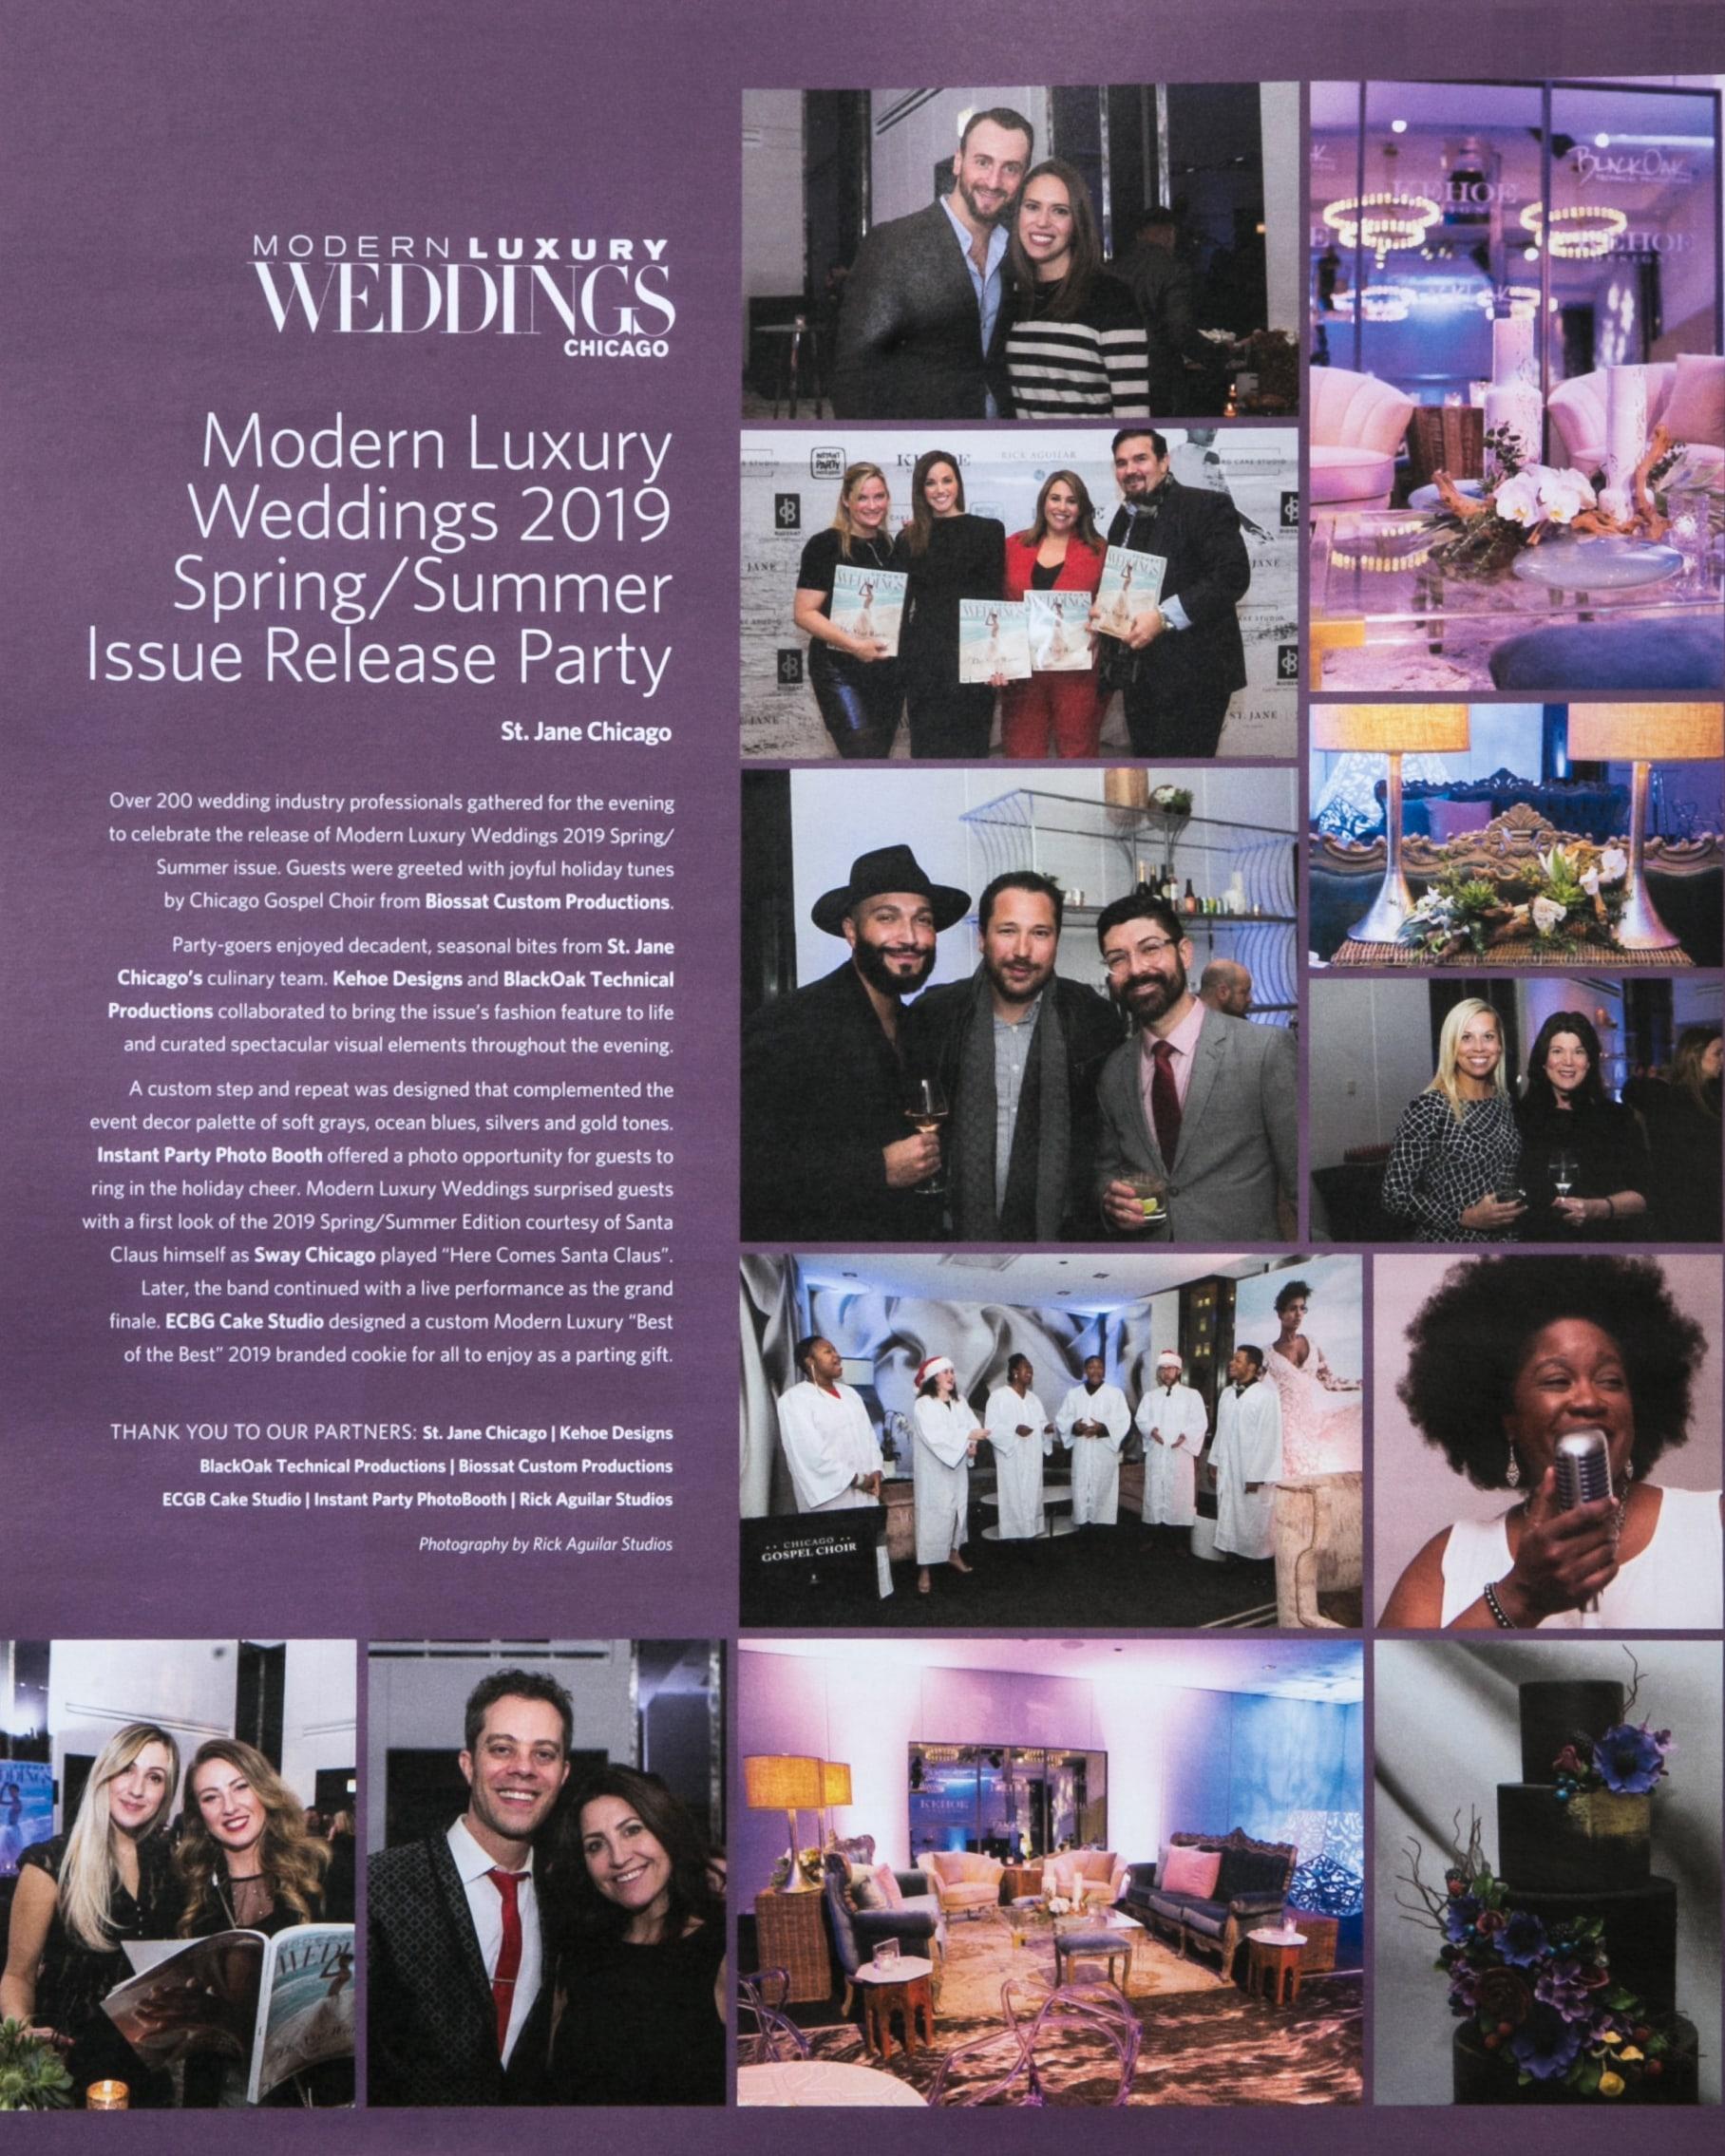 Modern Luxury Weddings Issue Release